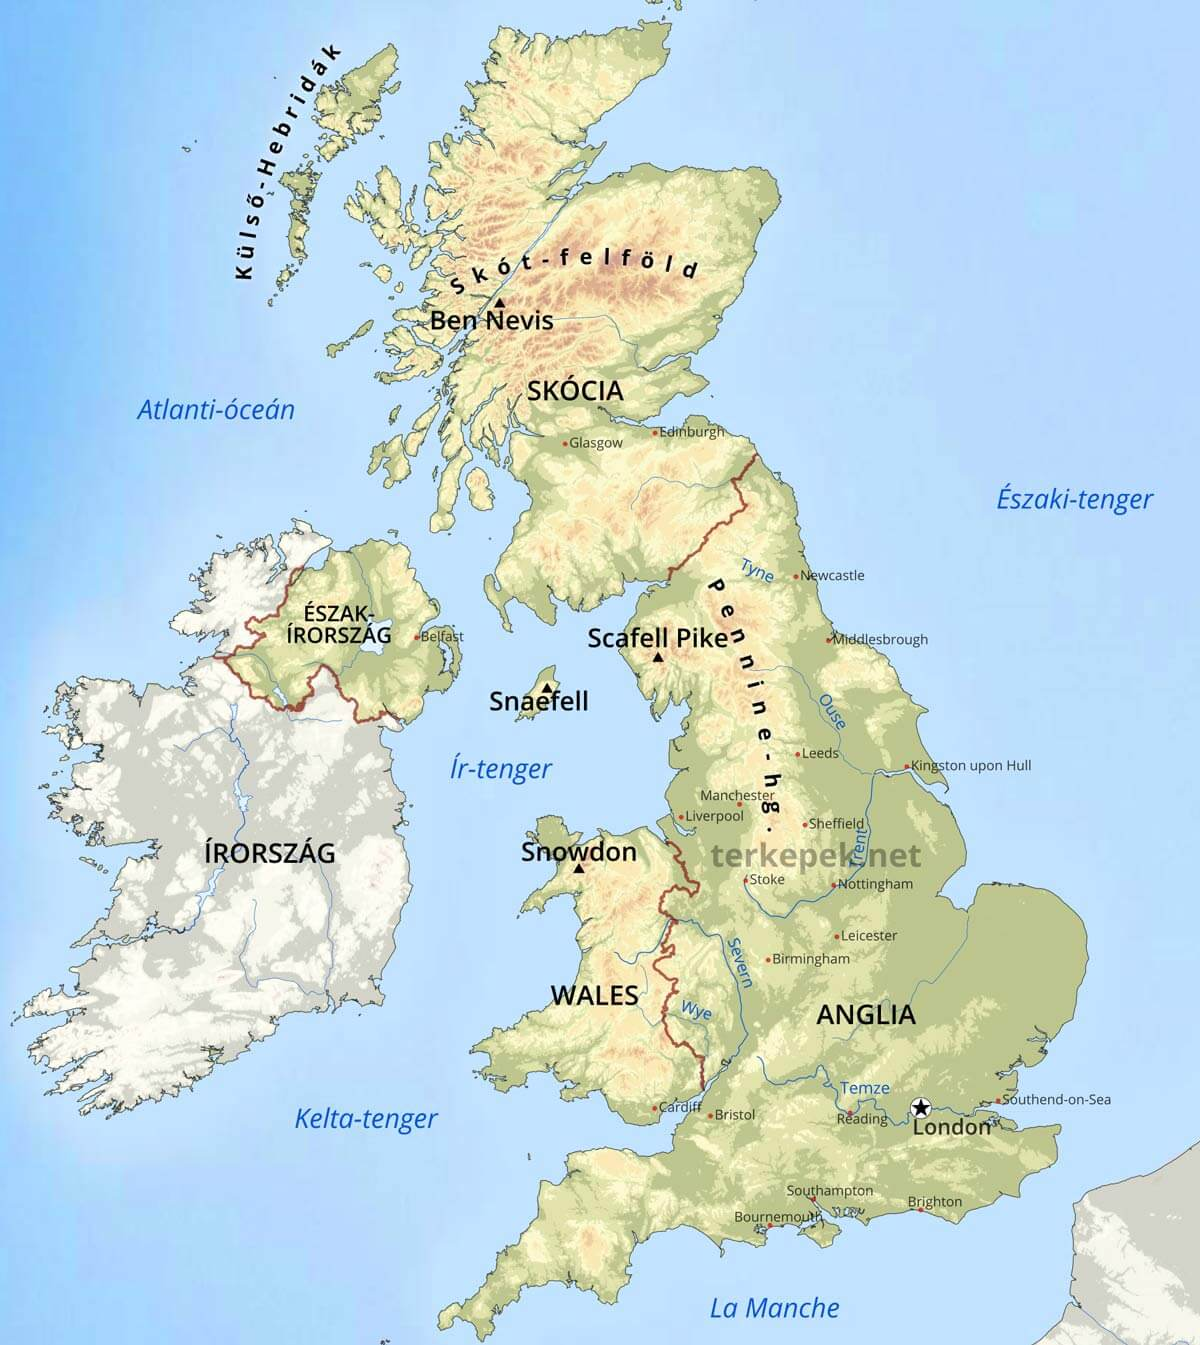 nagy britannia térkép Egyesült Királyság domborzati térképe nagy britannia térkép